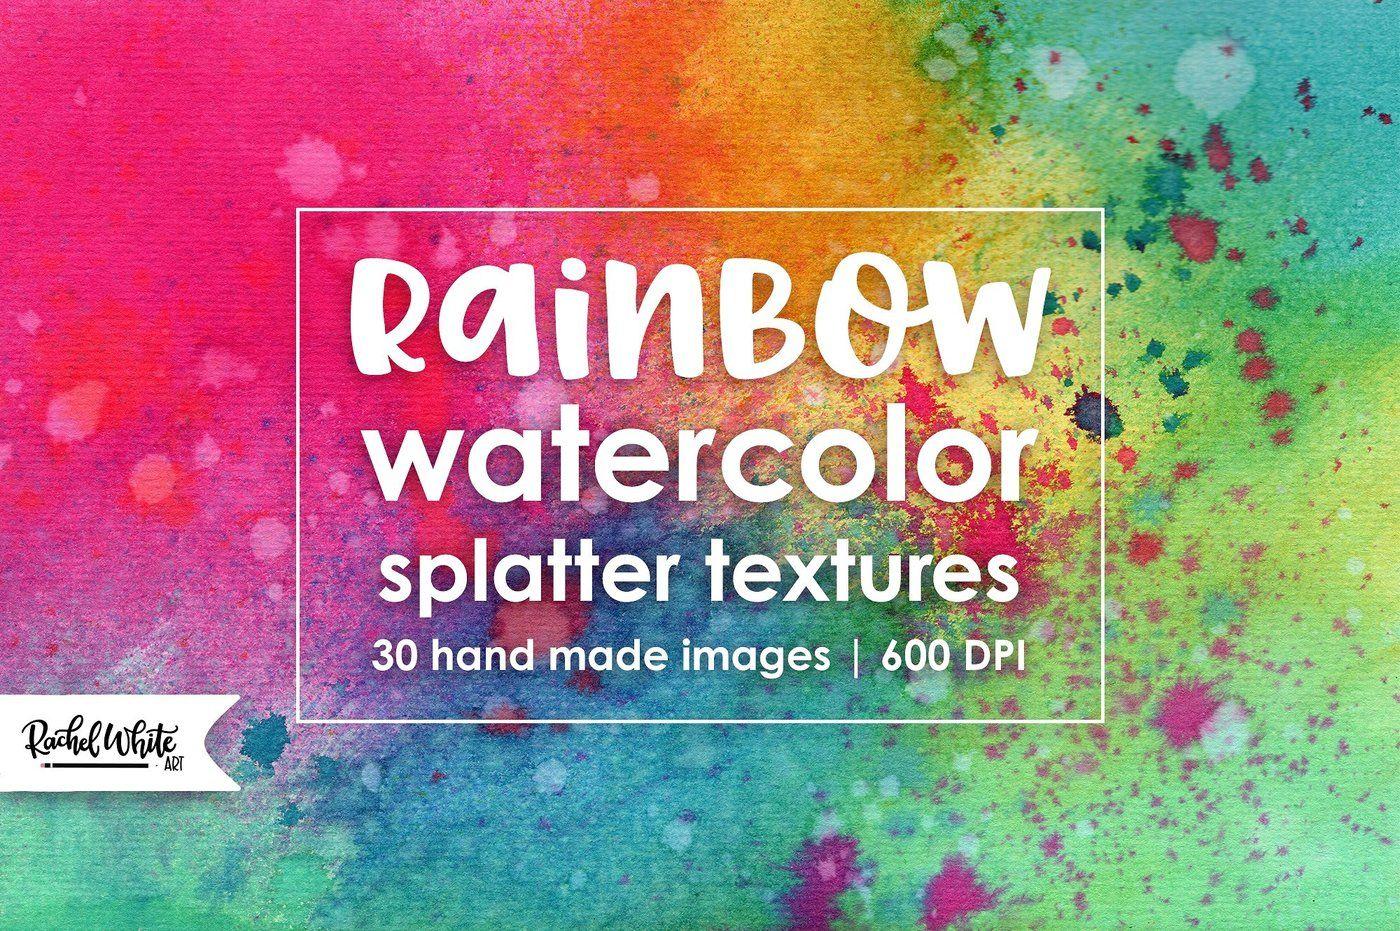 Rainbow Watercolor Splatter Textures By Rachel White Art